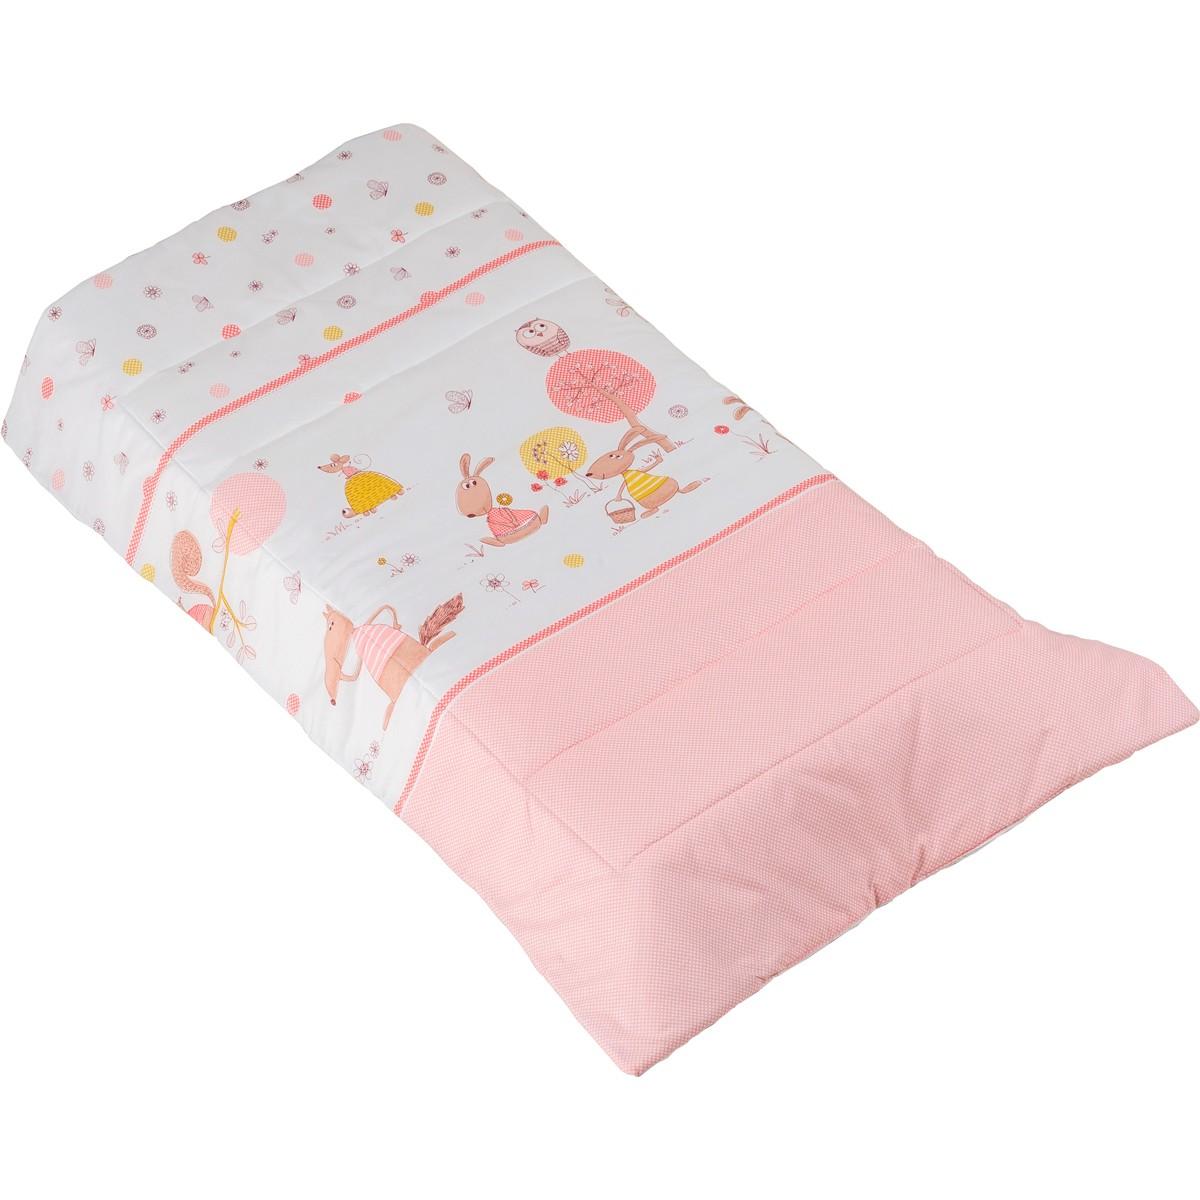 Πάπλωμα Λίκνου Κόσμος Του Μωρού Countryside 0885 Ροζ